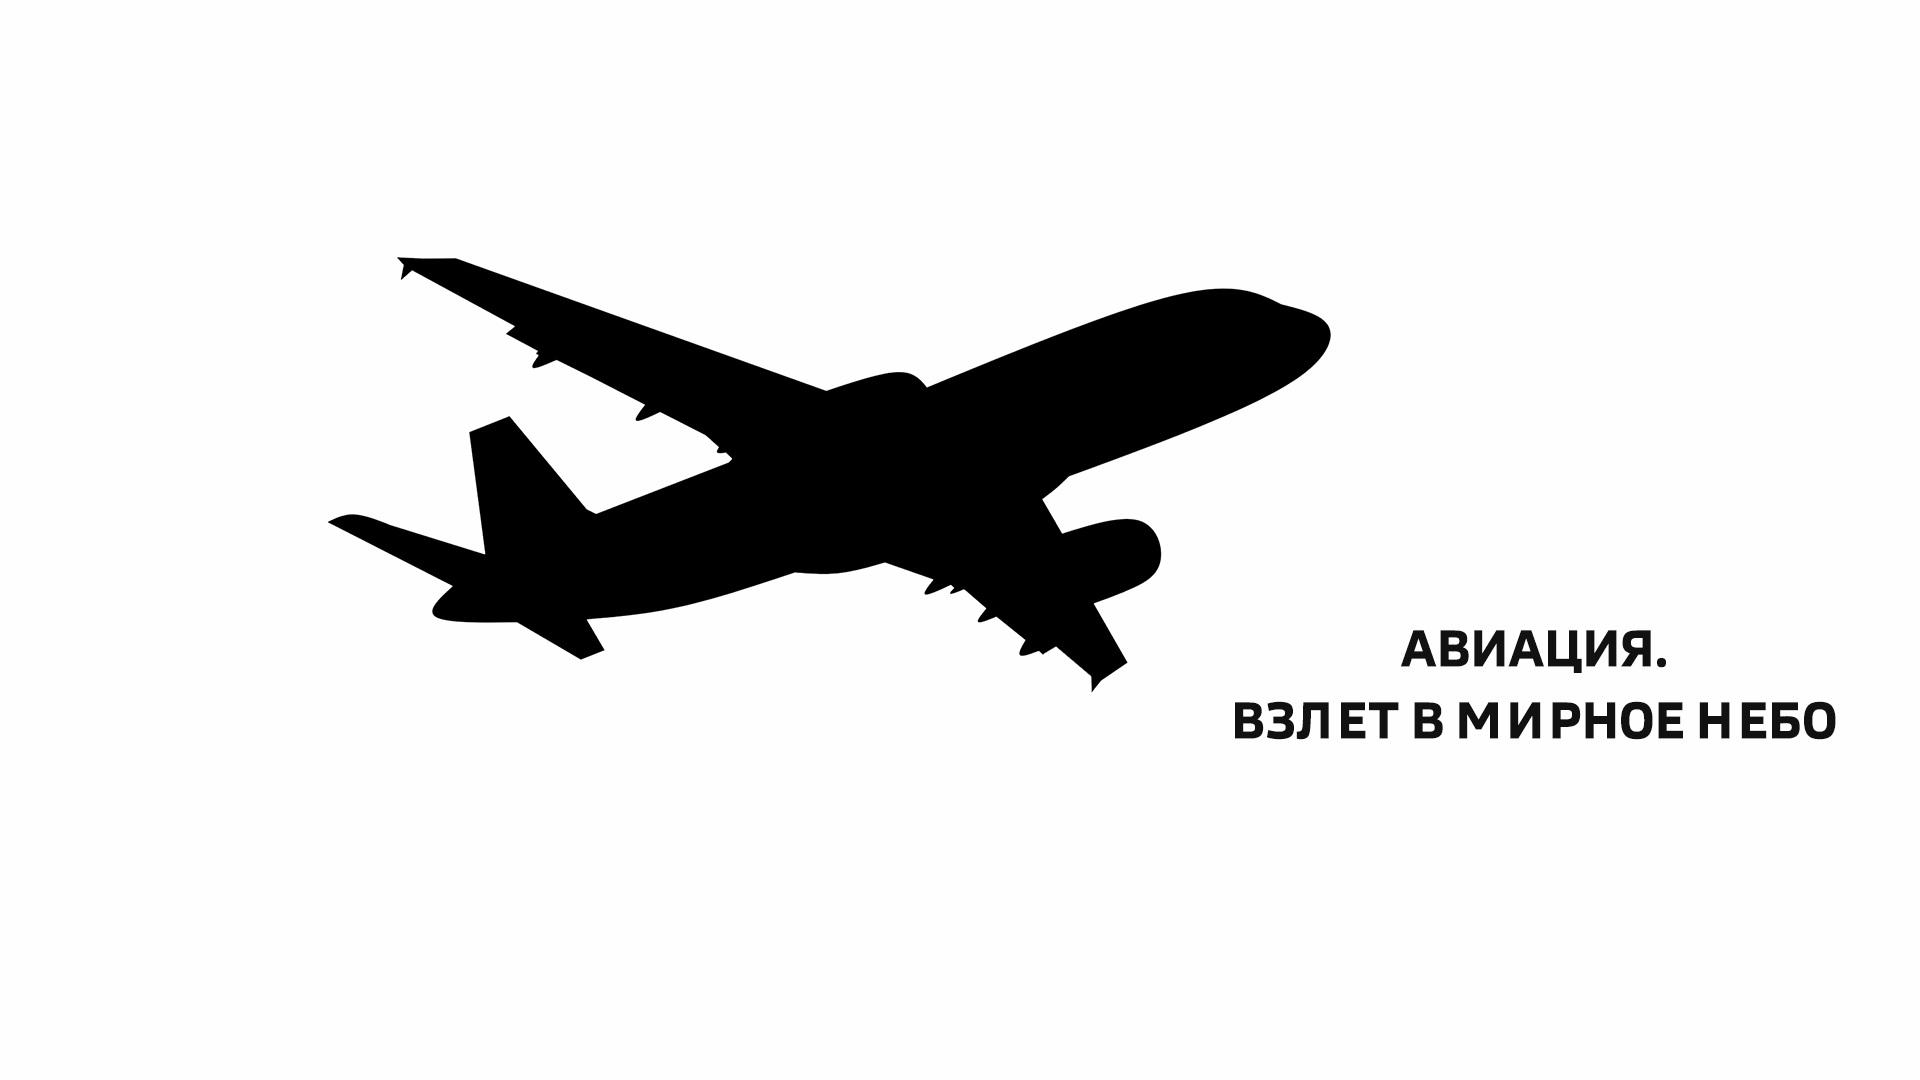 Авиация. Взлет в мирное небо